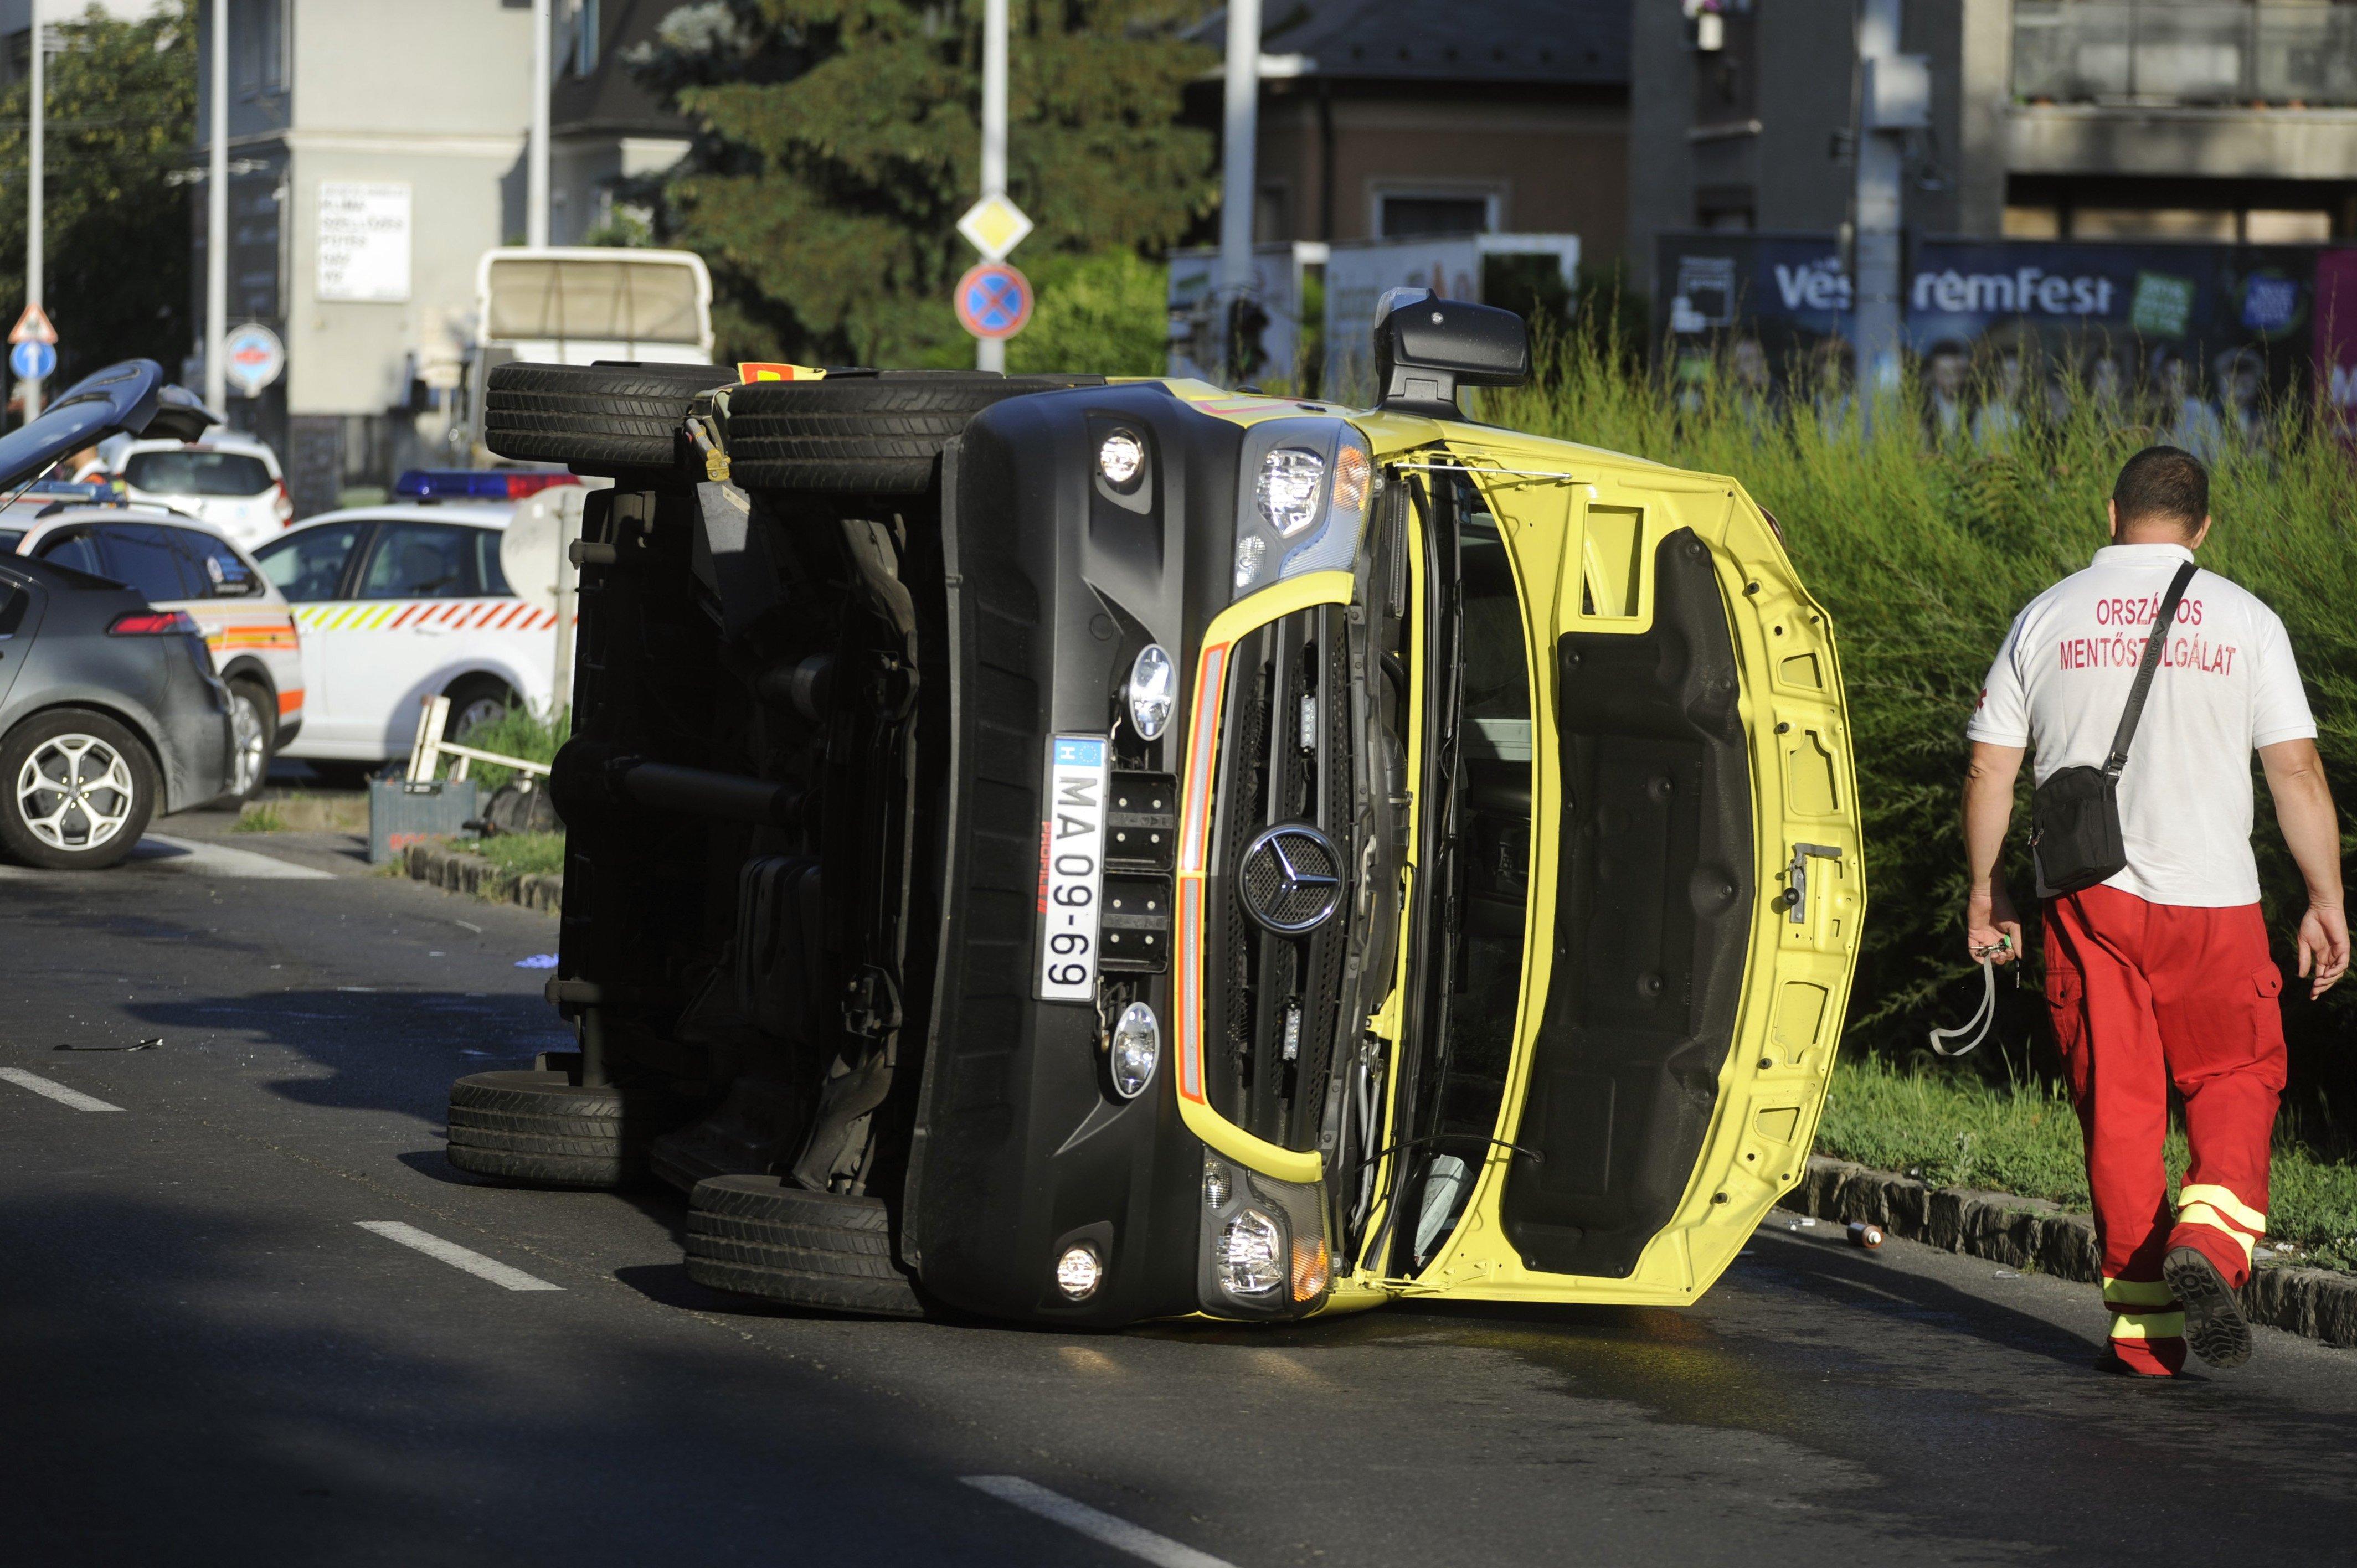 Oldalára borult egy mentőautó Újbudán, hárman megsérültek